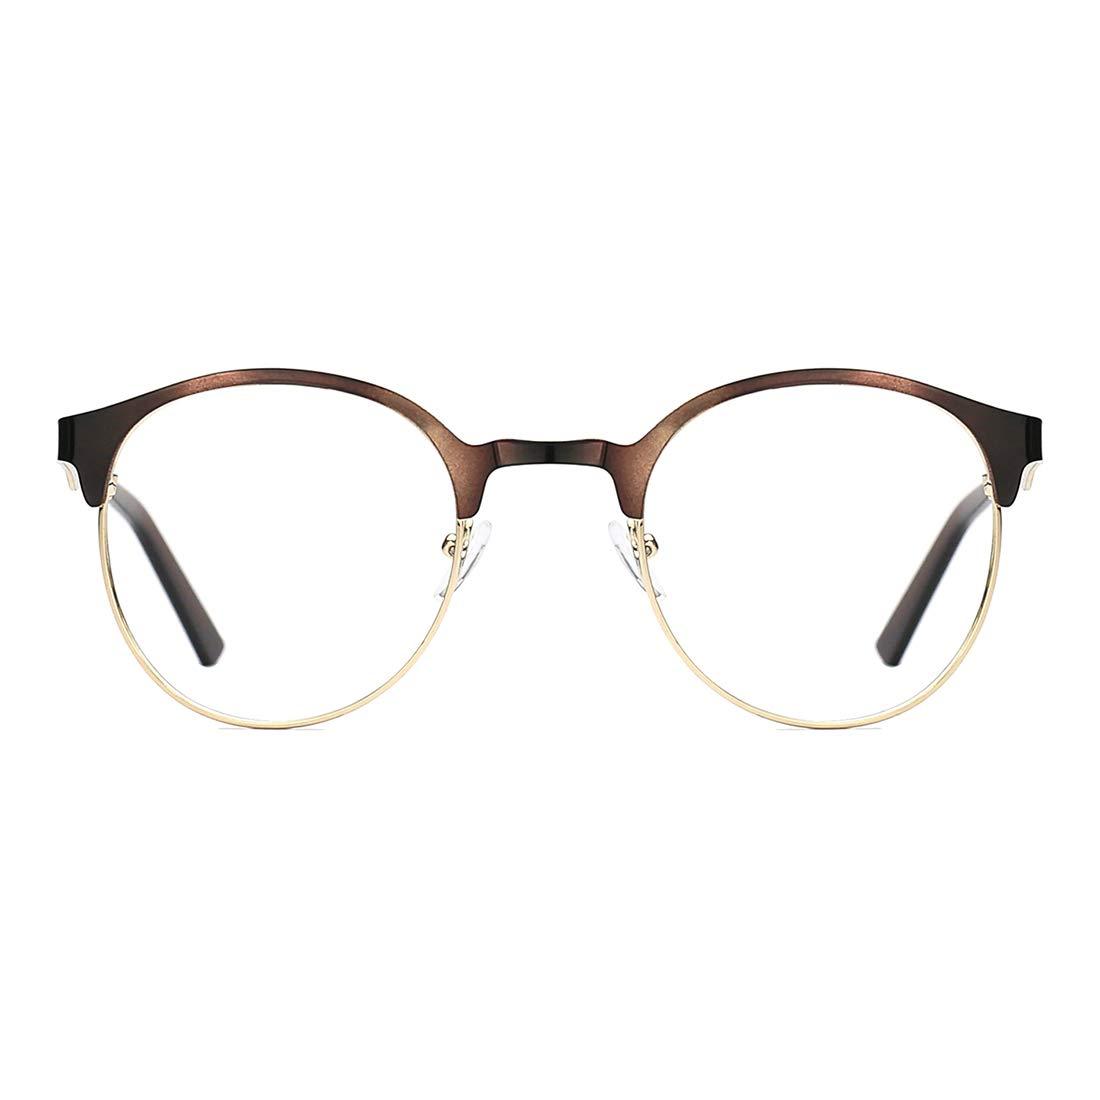 TIJN Neue Rund Metall Brillengestelle Herren Brille Ohne St/ärke Metallgestell Brillenfassung Damen Herren